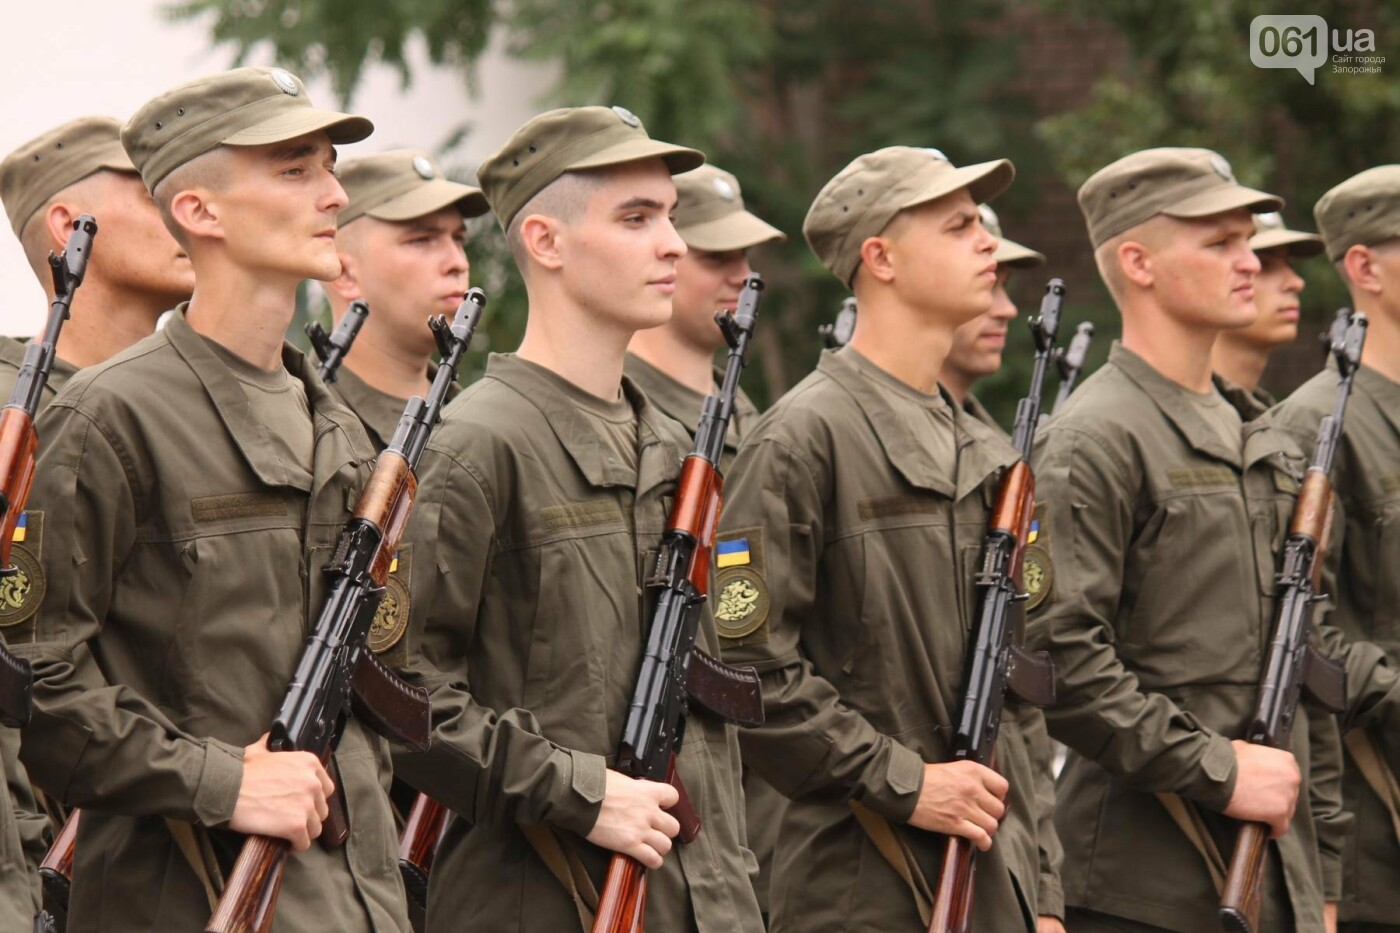 В Запорожье новобранцы Нацгвардии приняли присягу на верность Украине, – ФОТОРЕПОРТАЖ, фото-3